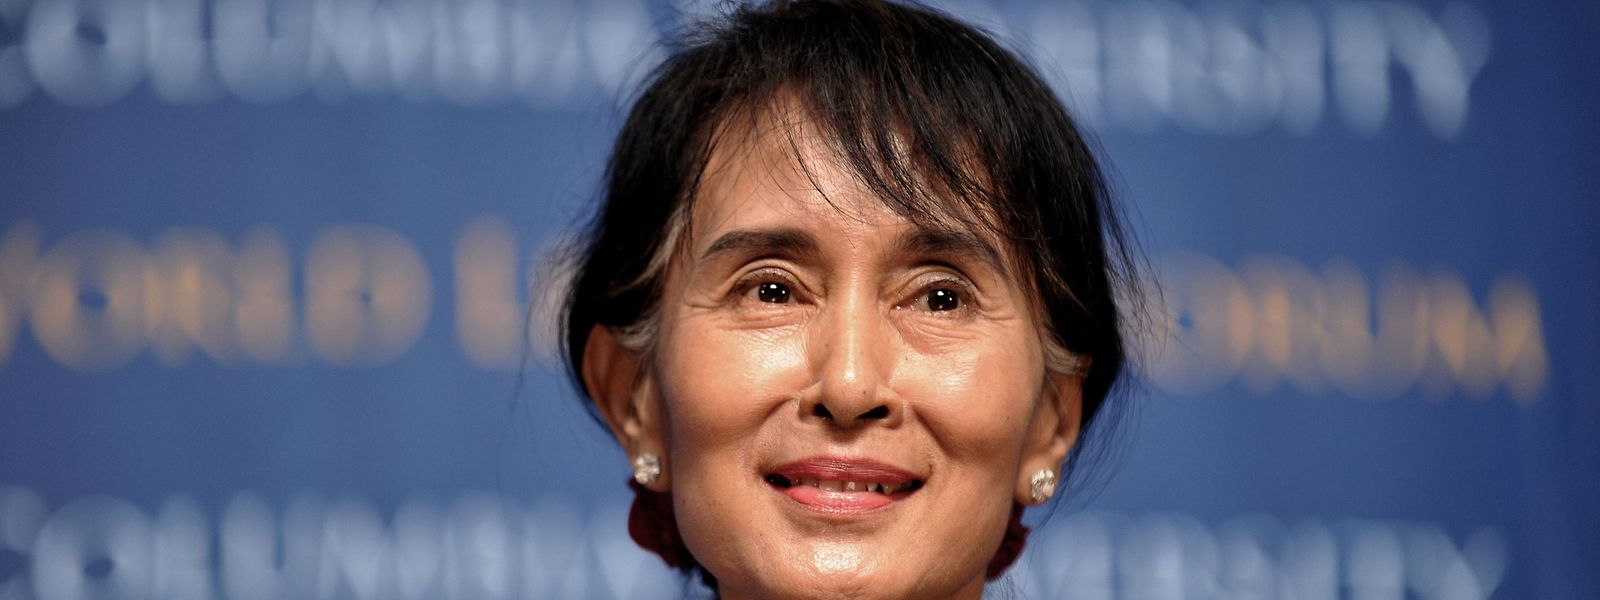 Aung San Suu Kyi forderte die Bevölkerung via Facebook auf, die Machtübernahme des Militärs nicht hinzunehmen. Im Ausland hat sie ihren Kredit jedoch längst verspielt.